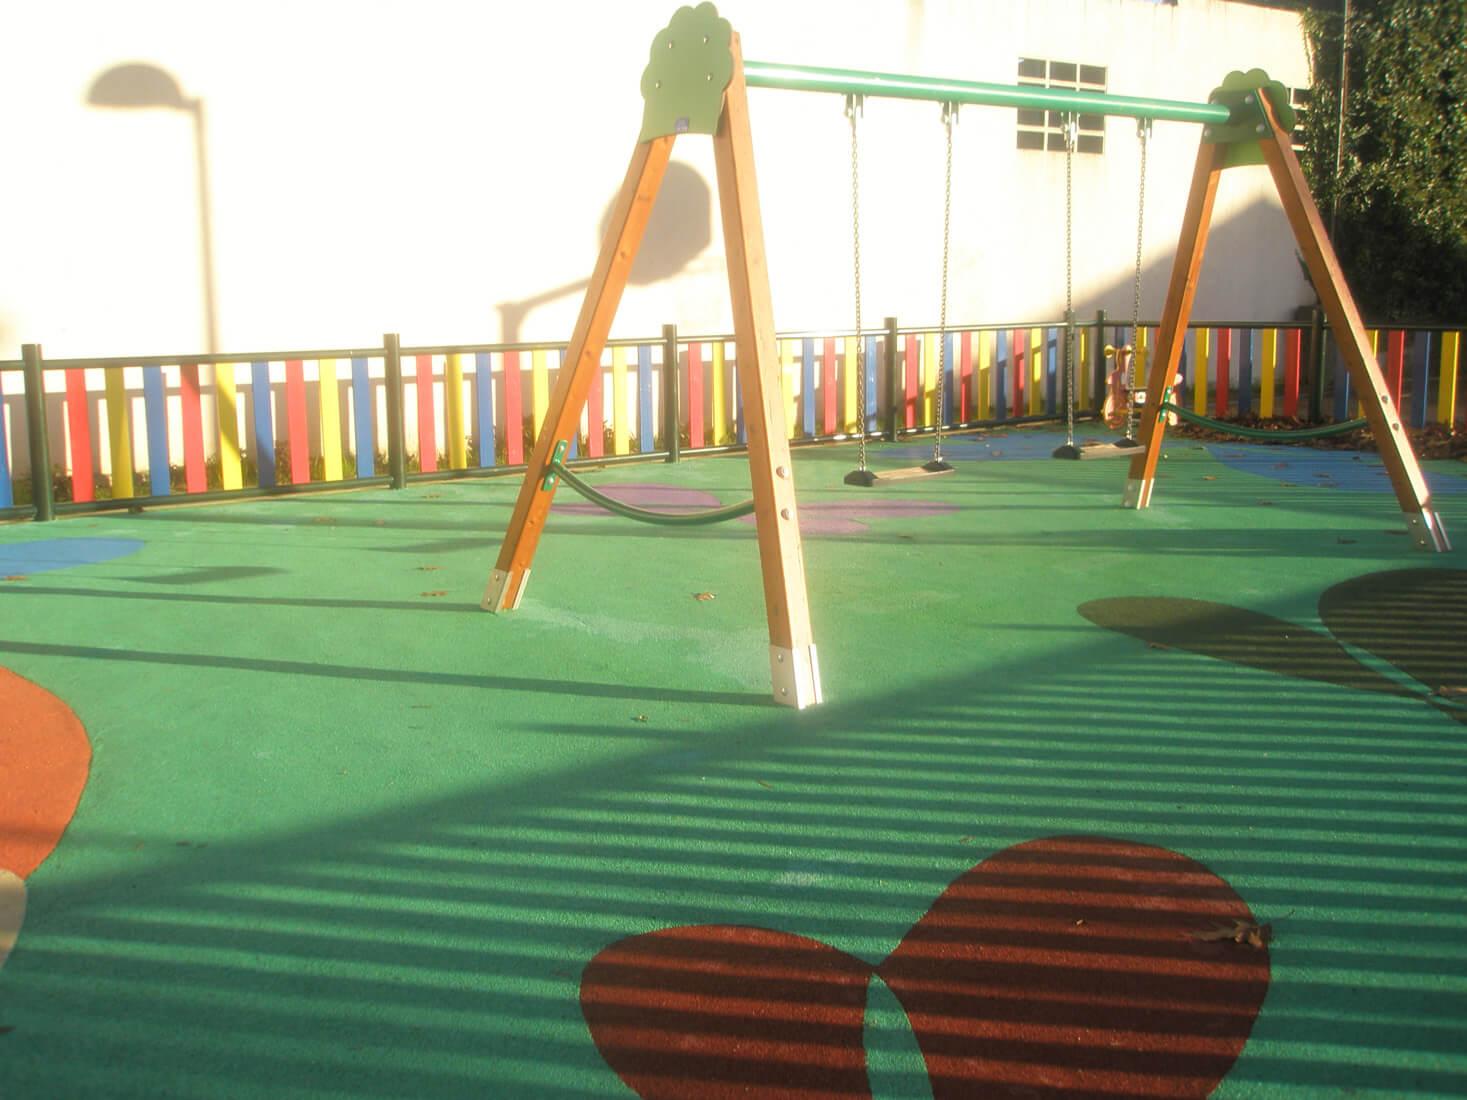 Parque-infantil-vidan-04